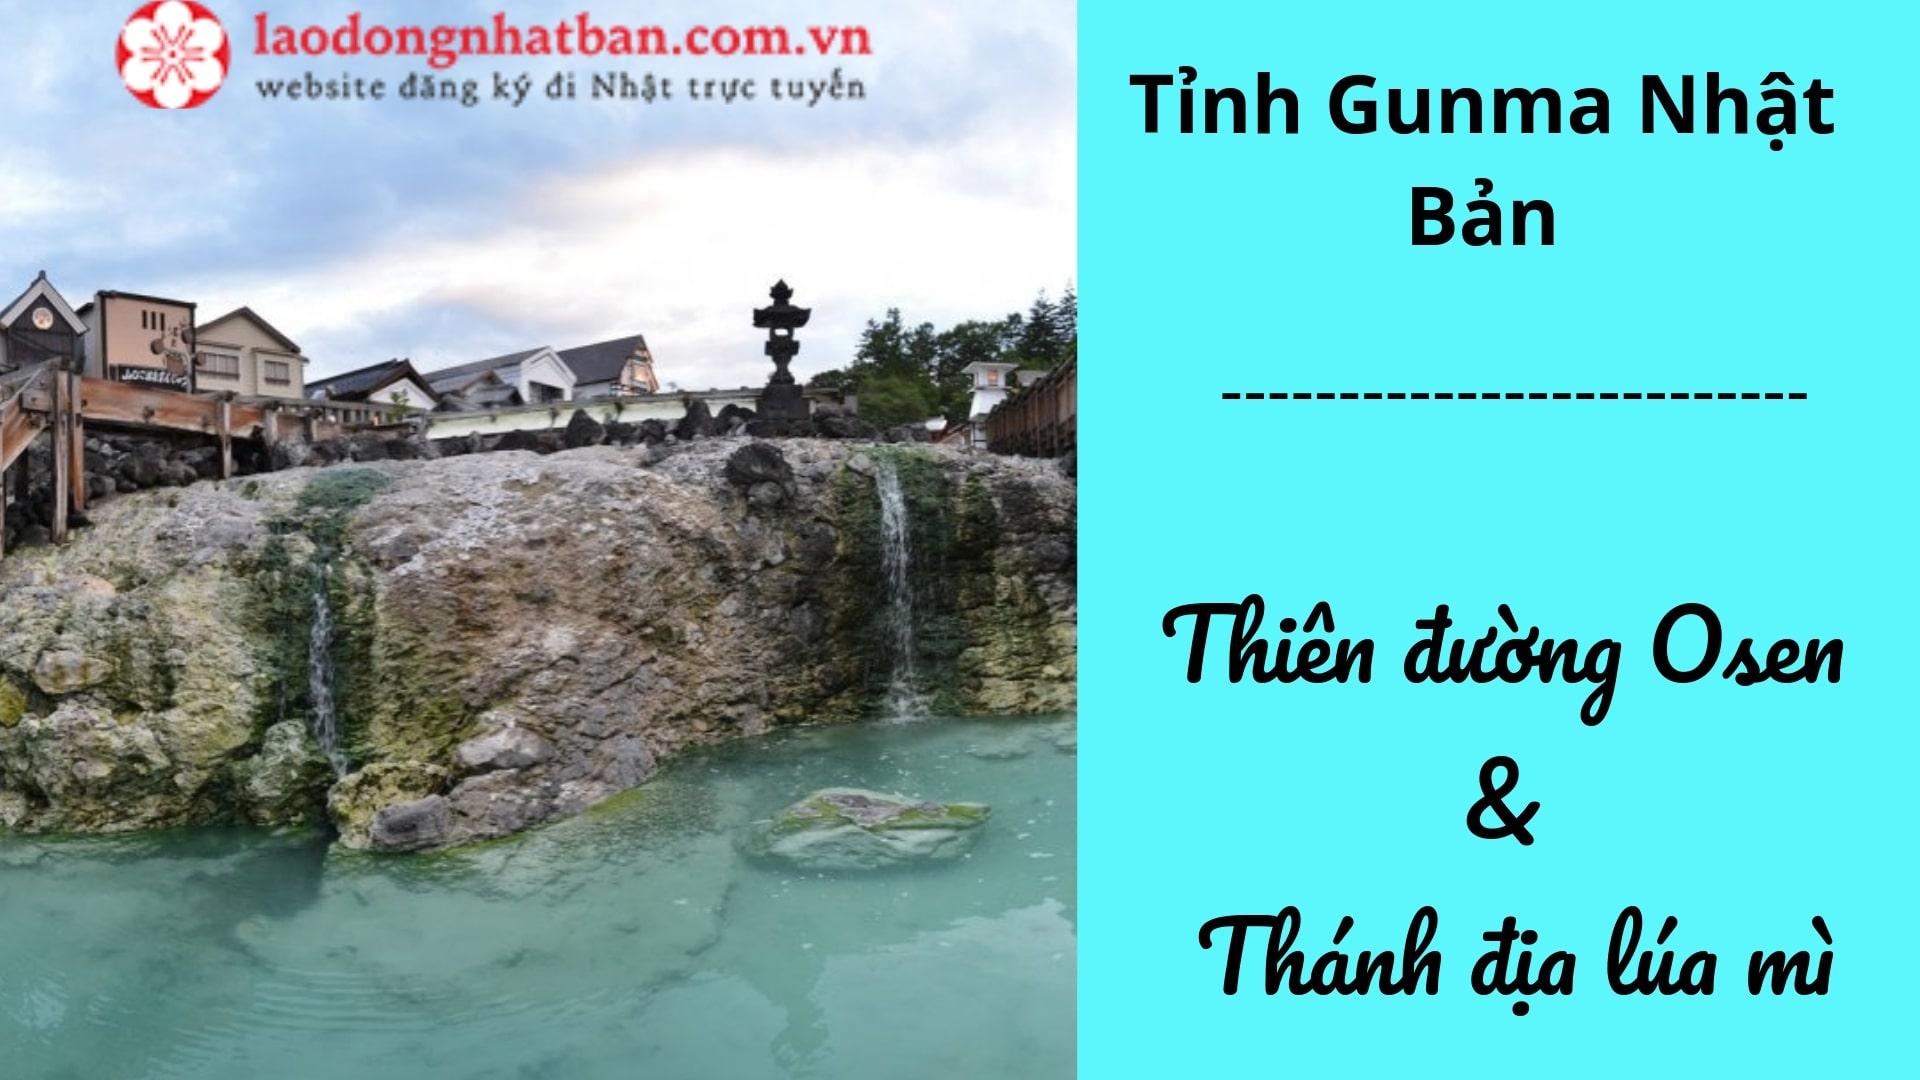 Tỉnh Gunma Nhật Bản – Vùng đất vàng Onsen, thánh địa lúa mì